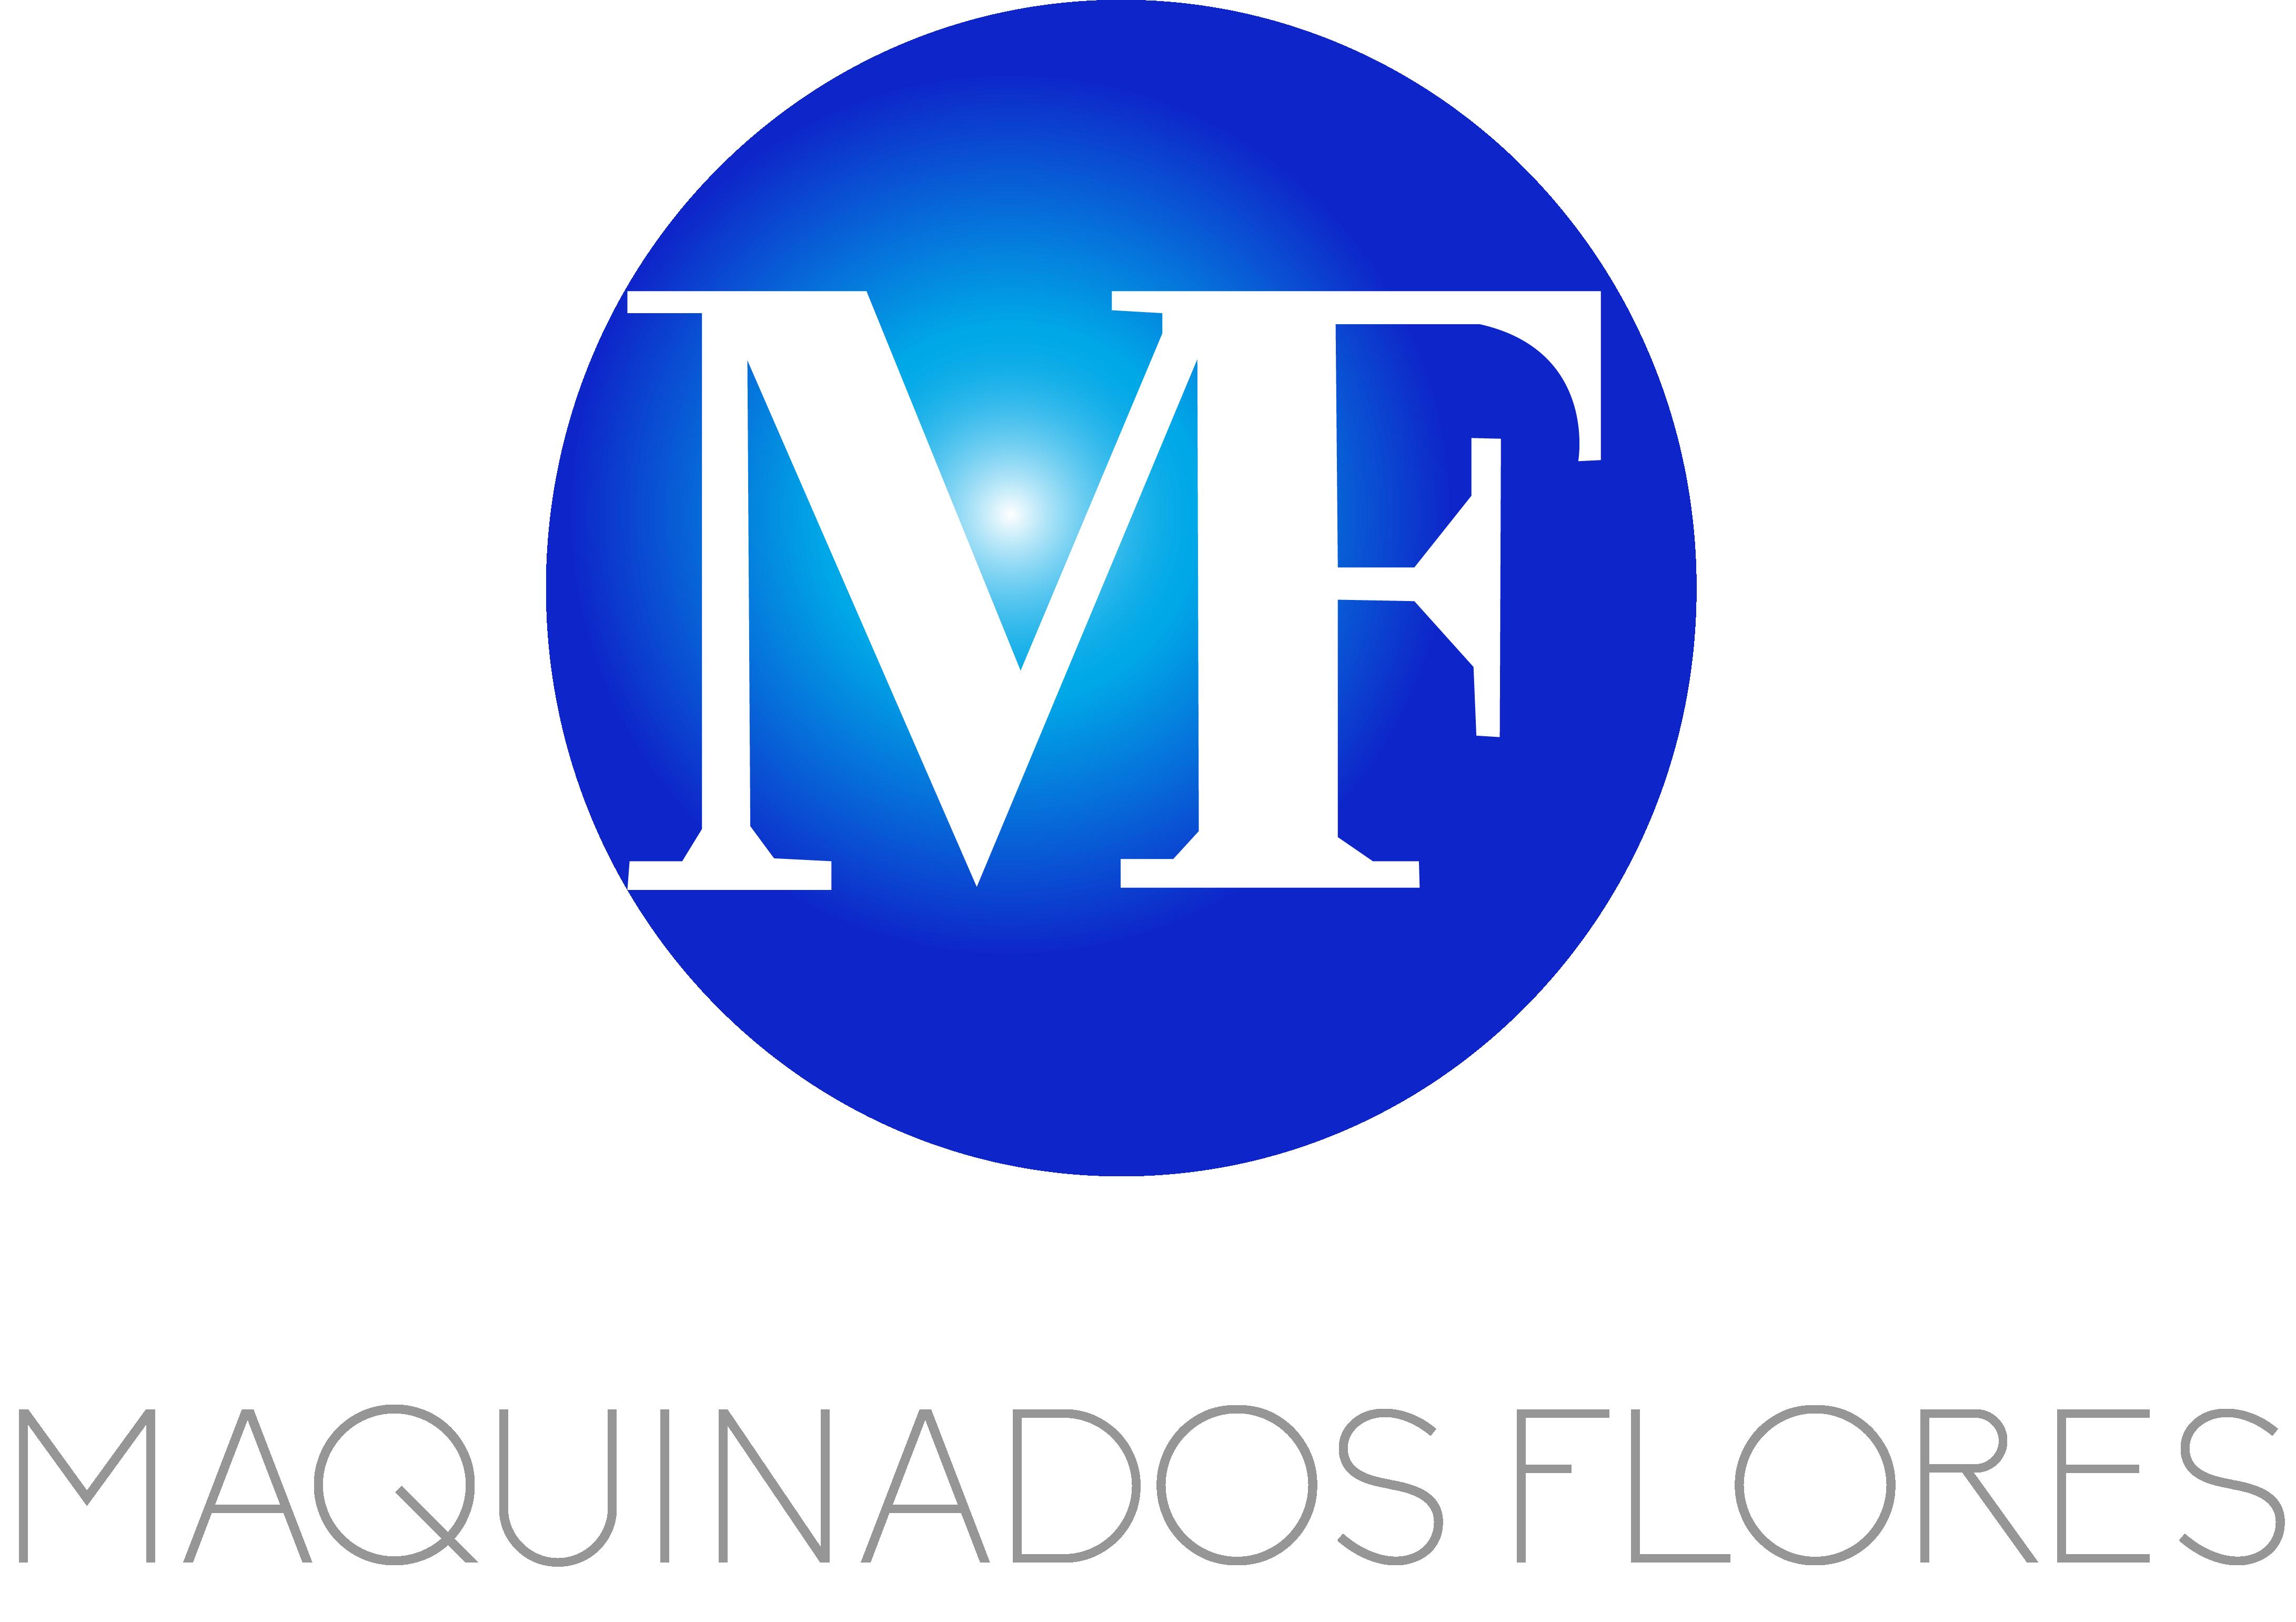 MAQUINADOS FLORES